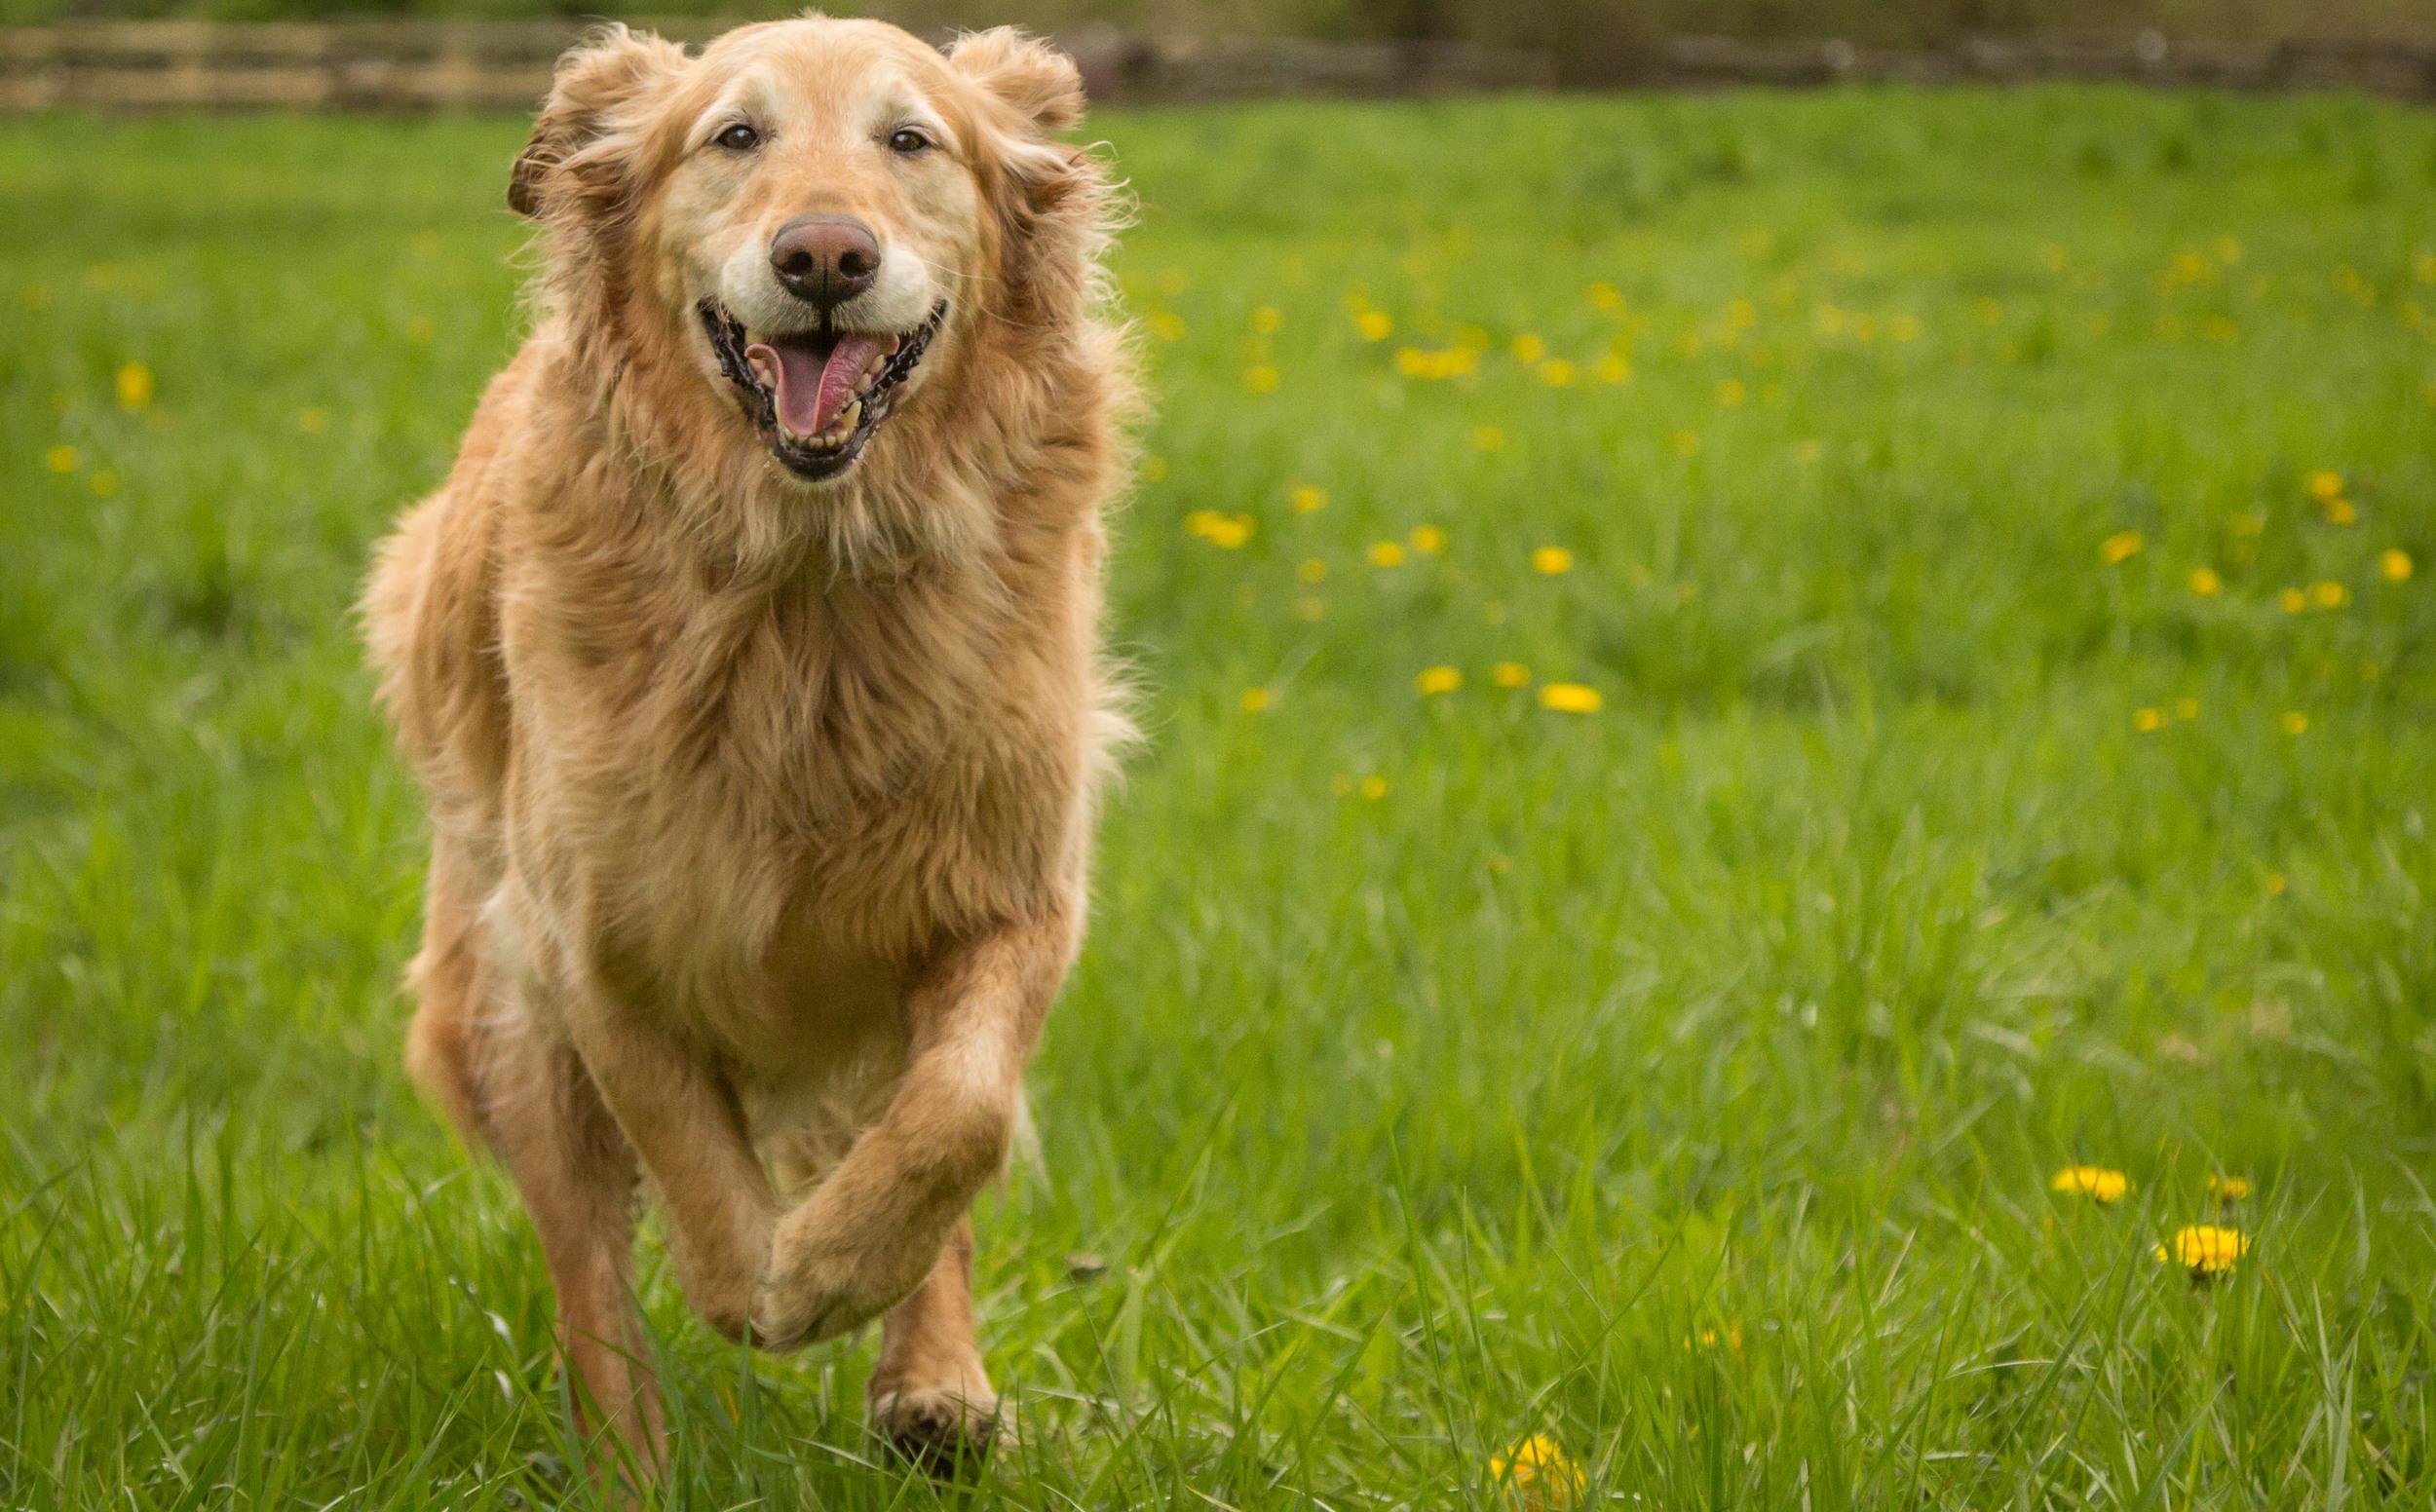 dog-marley-6.jpg